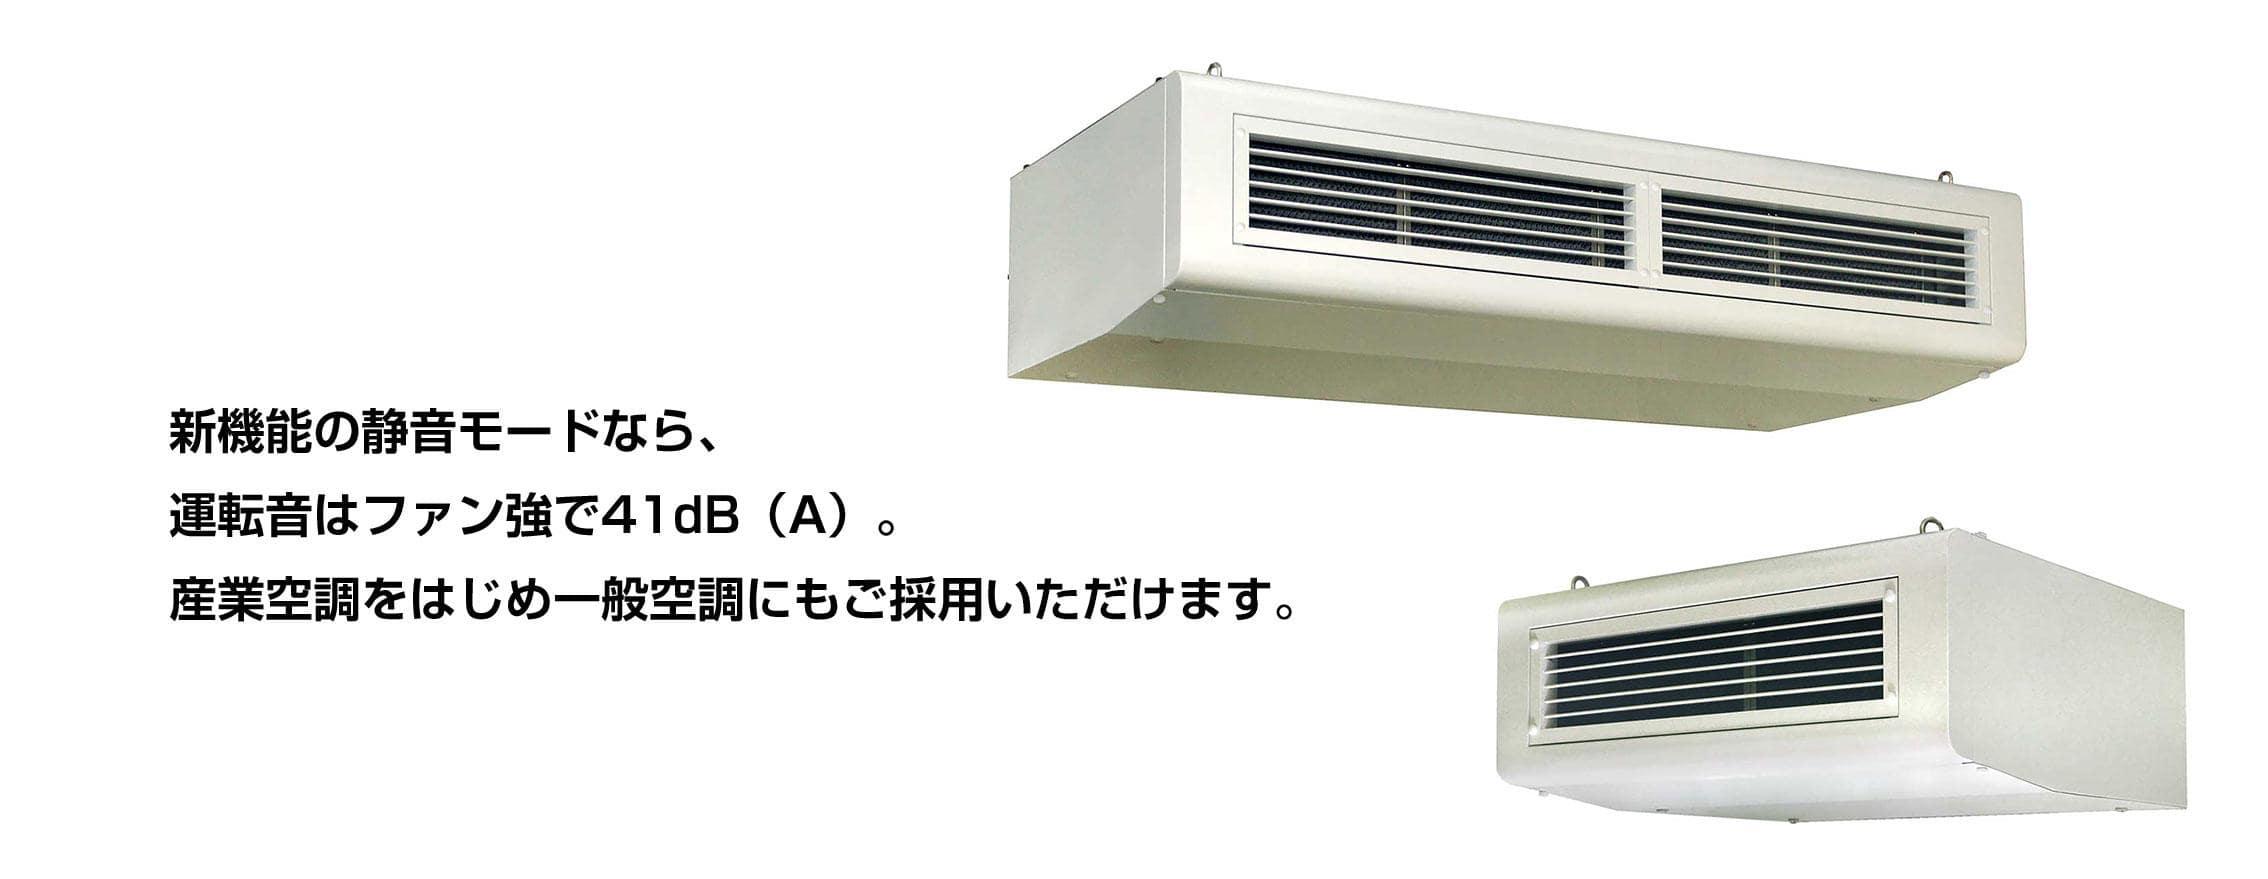 滴下浸透気化式加湿器VTCタイプ